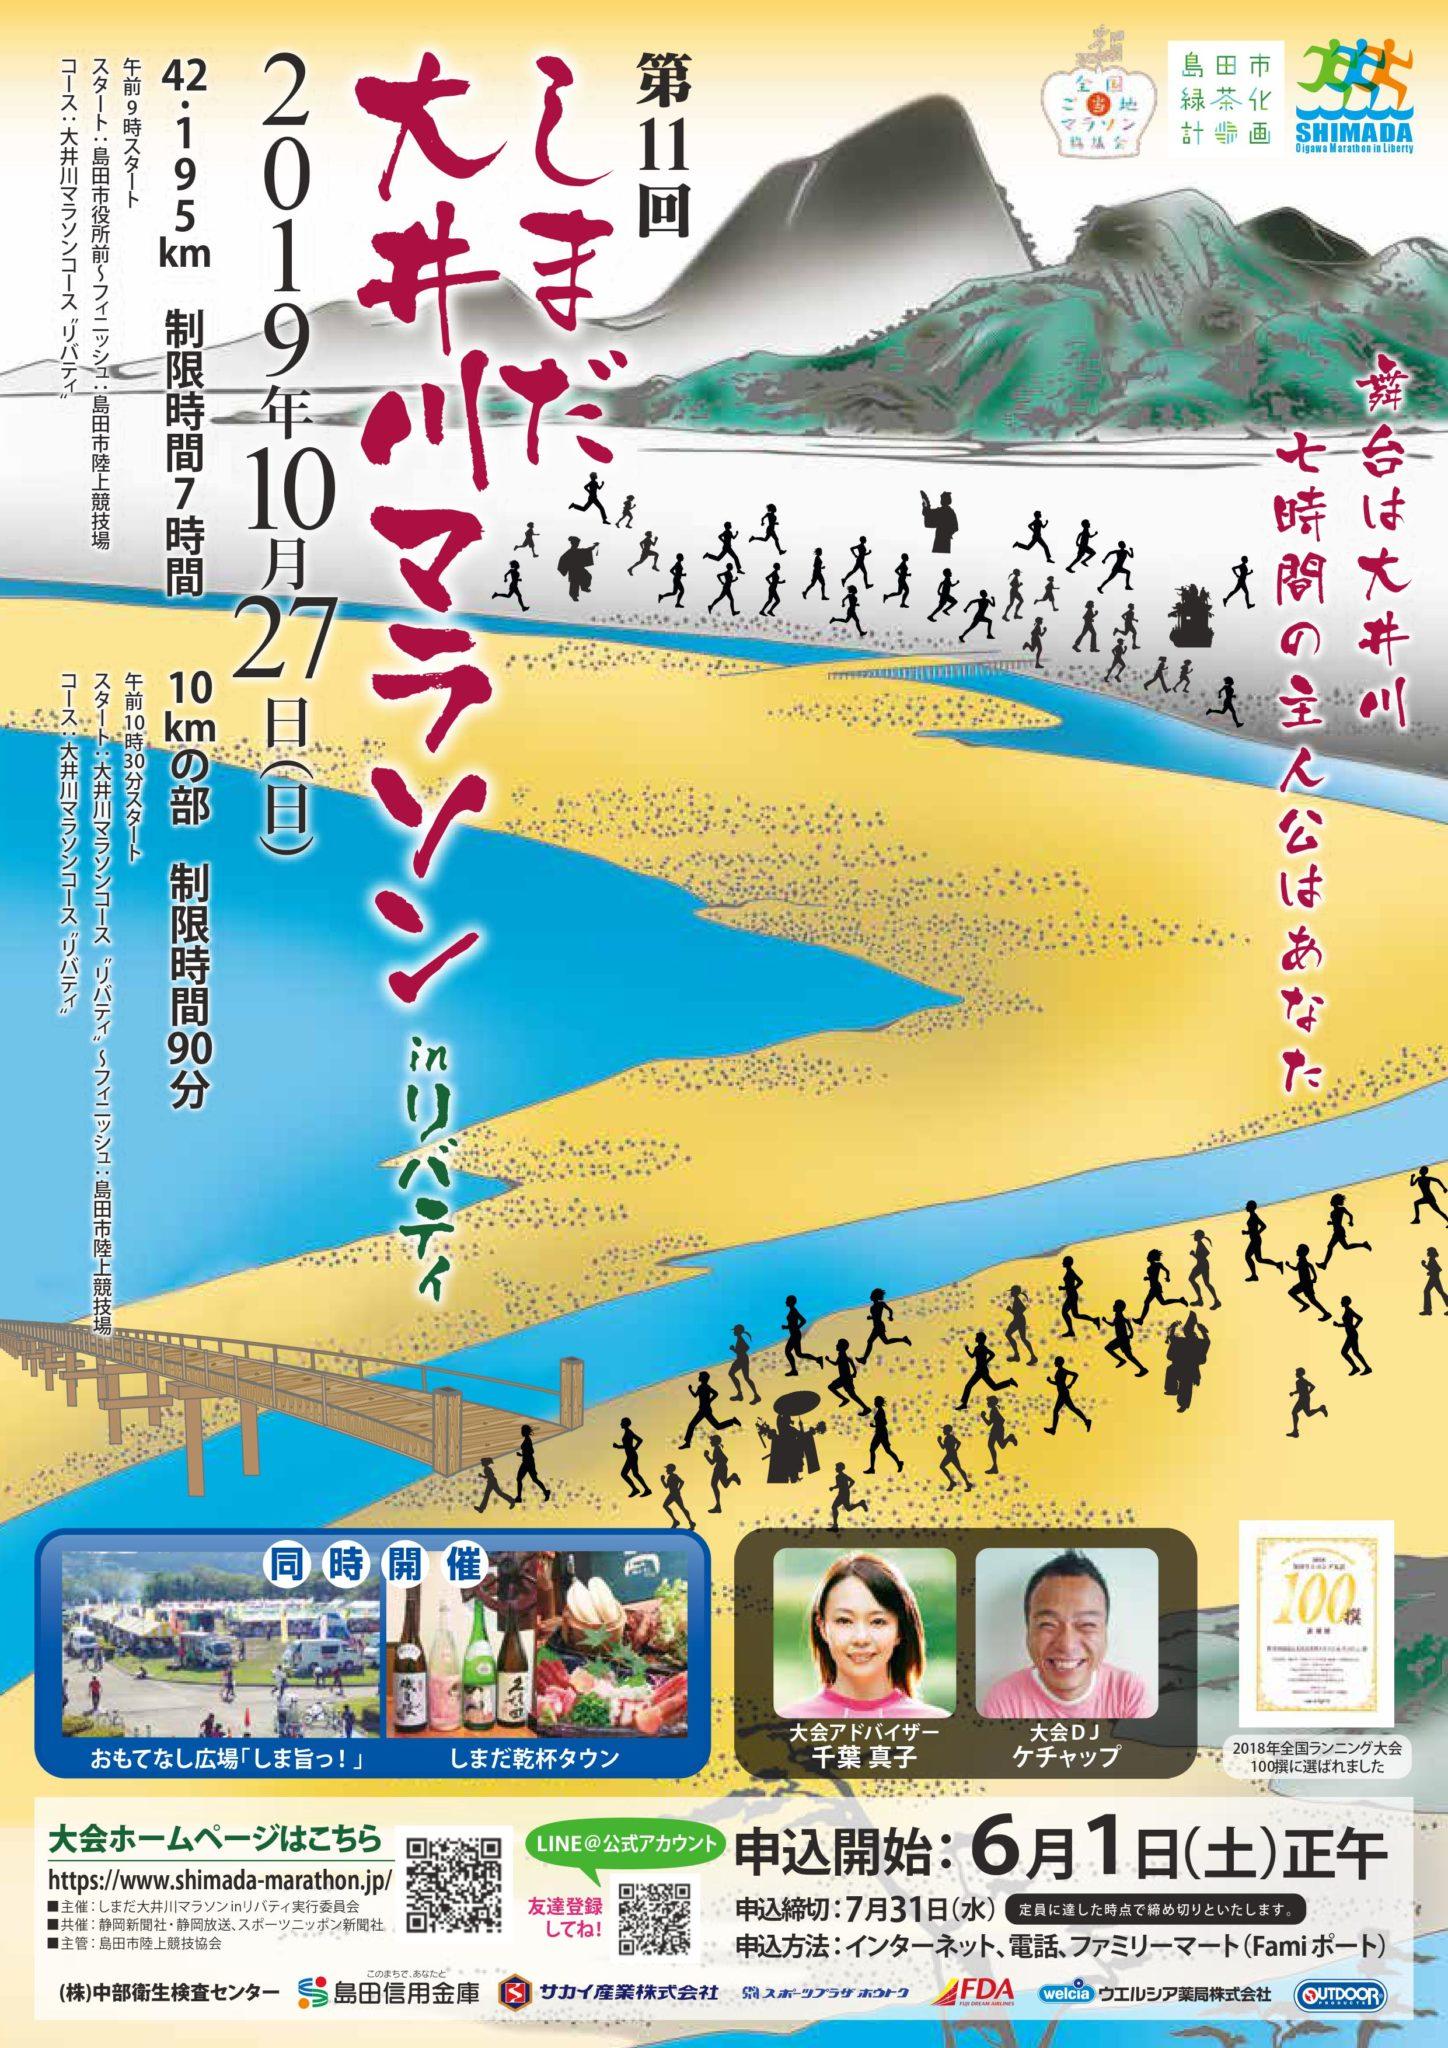 大井川 し マラソン まだ